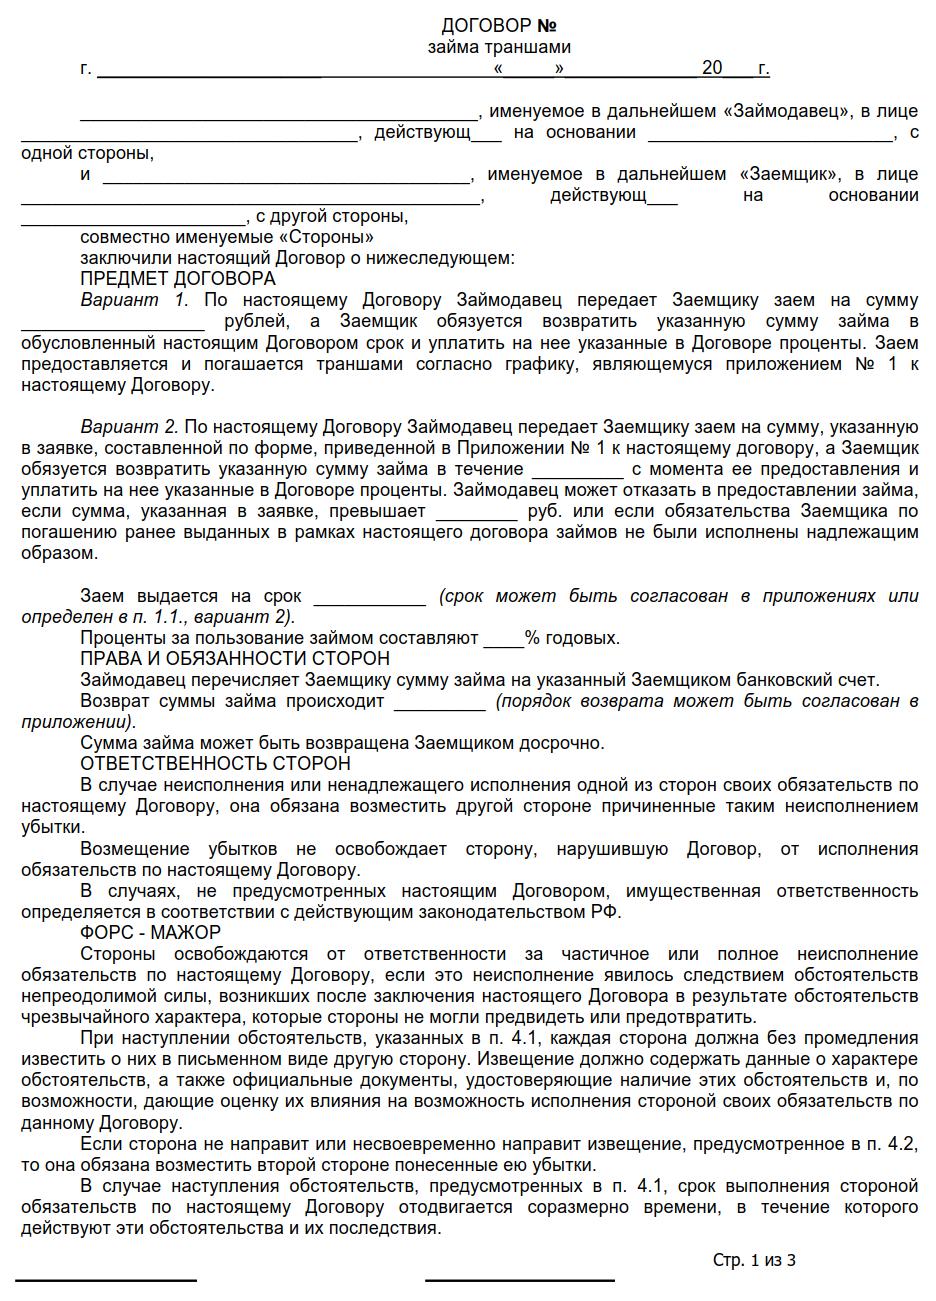 Договор о сотрудничестве между юр лицами образец